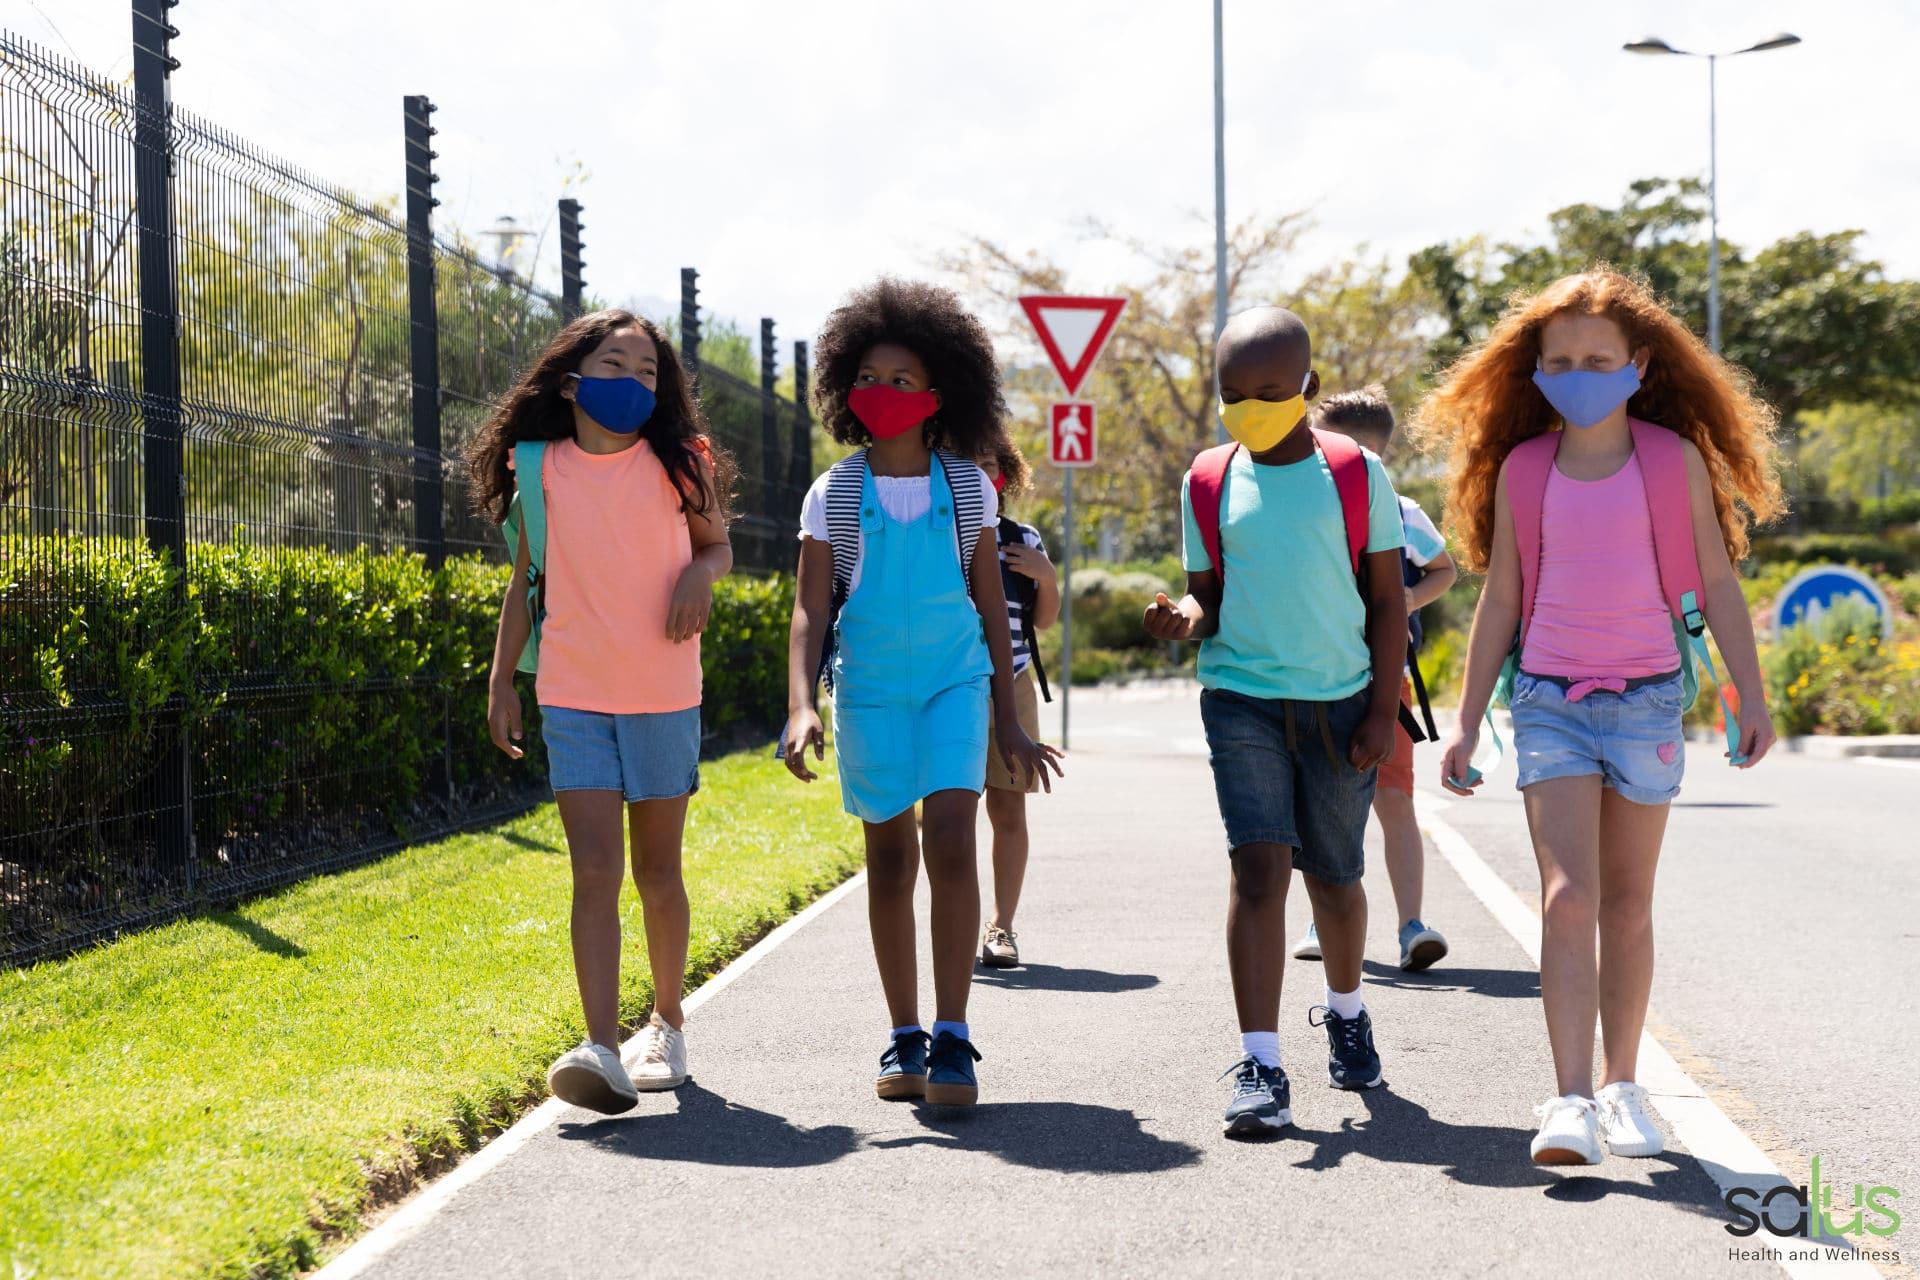 salus-blog-come-fare-indossare-mascherine-ai-bambini